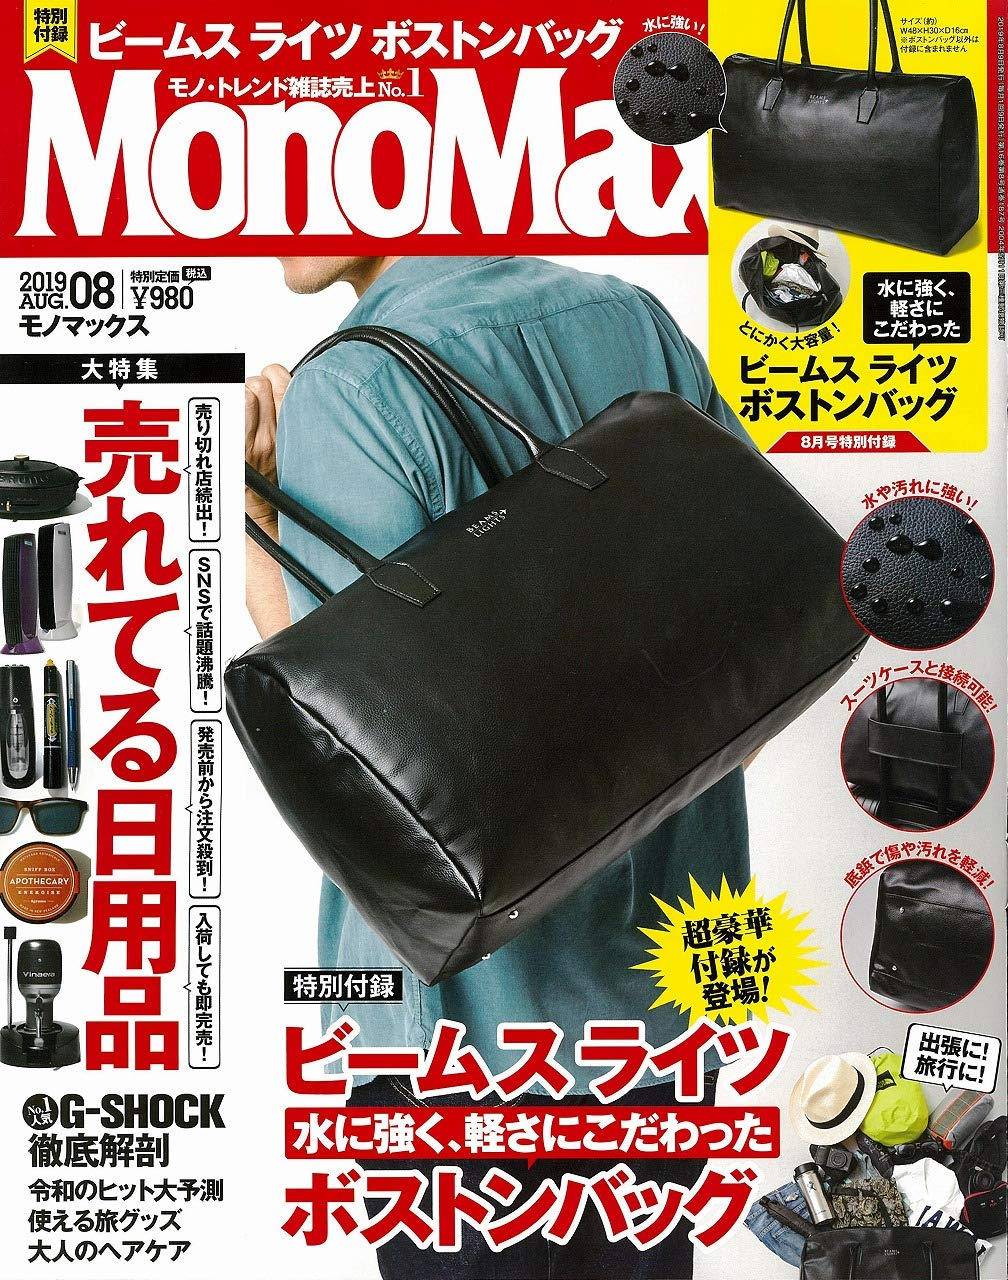 アマゾンで雑誌のMonoMax(モノマックス) 2019年 8月号 を買うと、ビームスライツのボストンバッグが付録で付いてくる。7/9~。